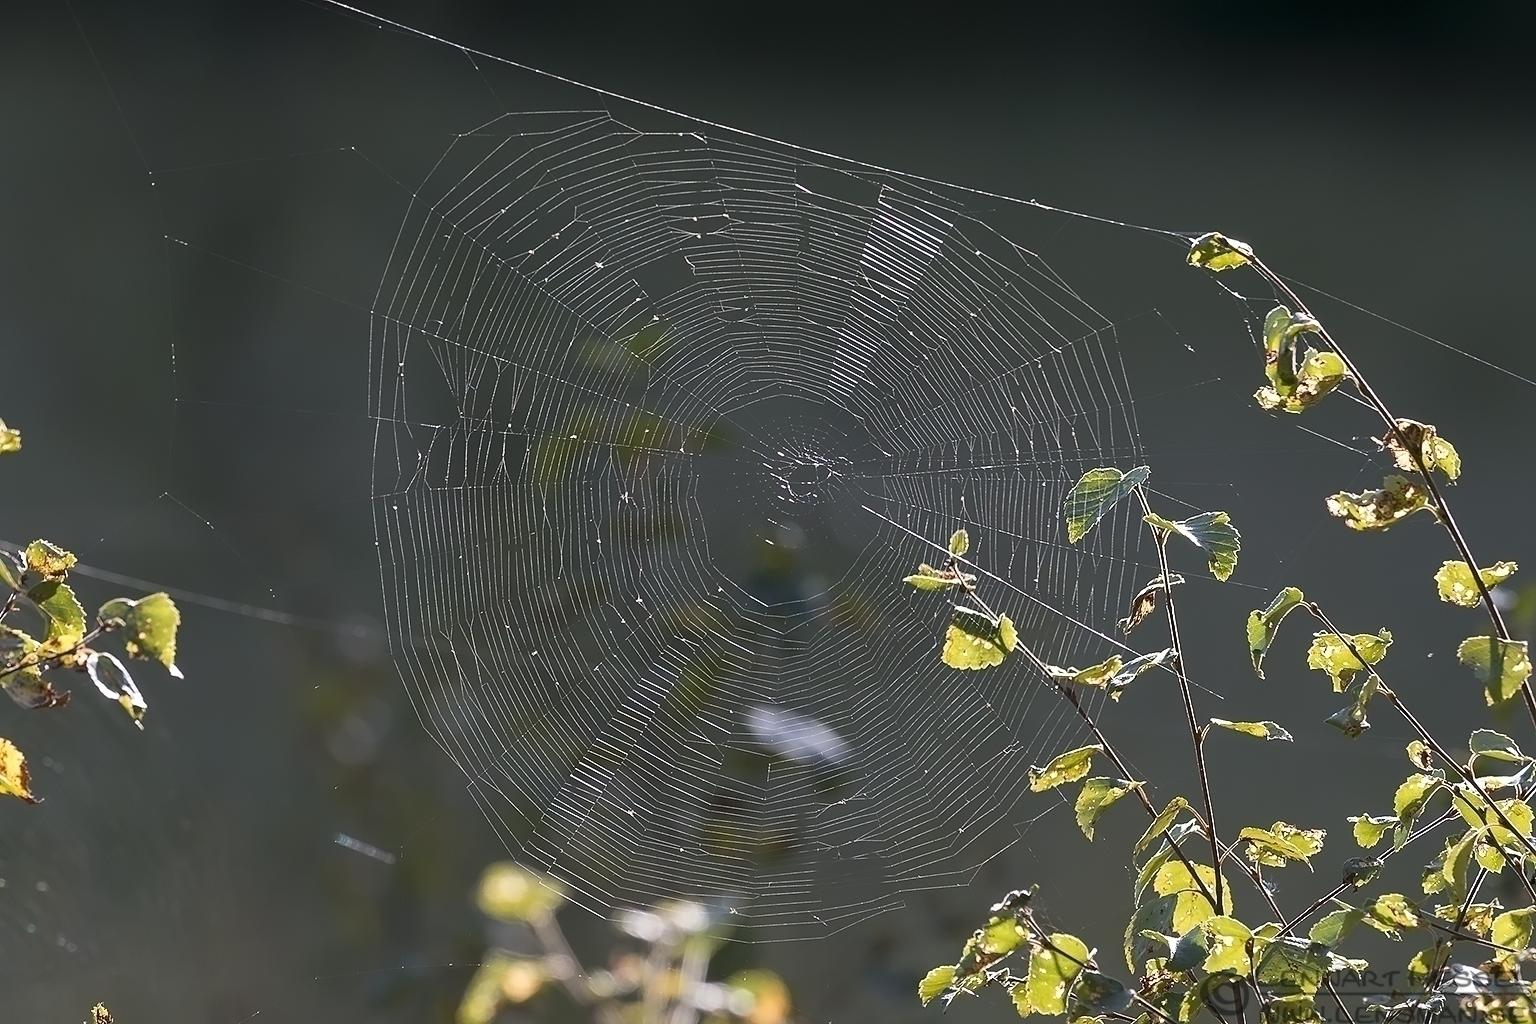 Spiderweb change